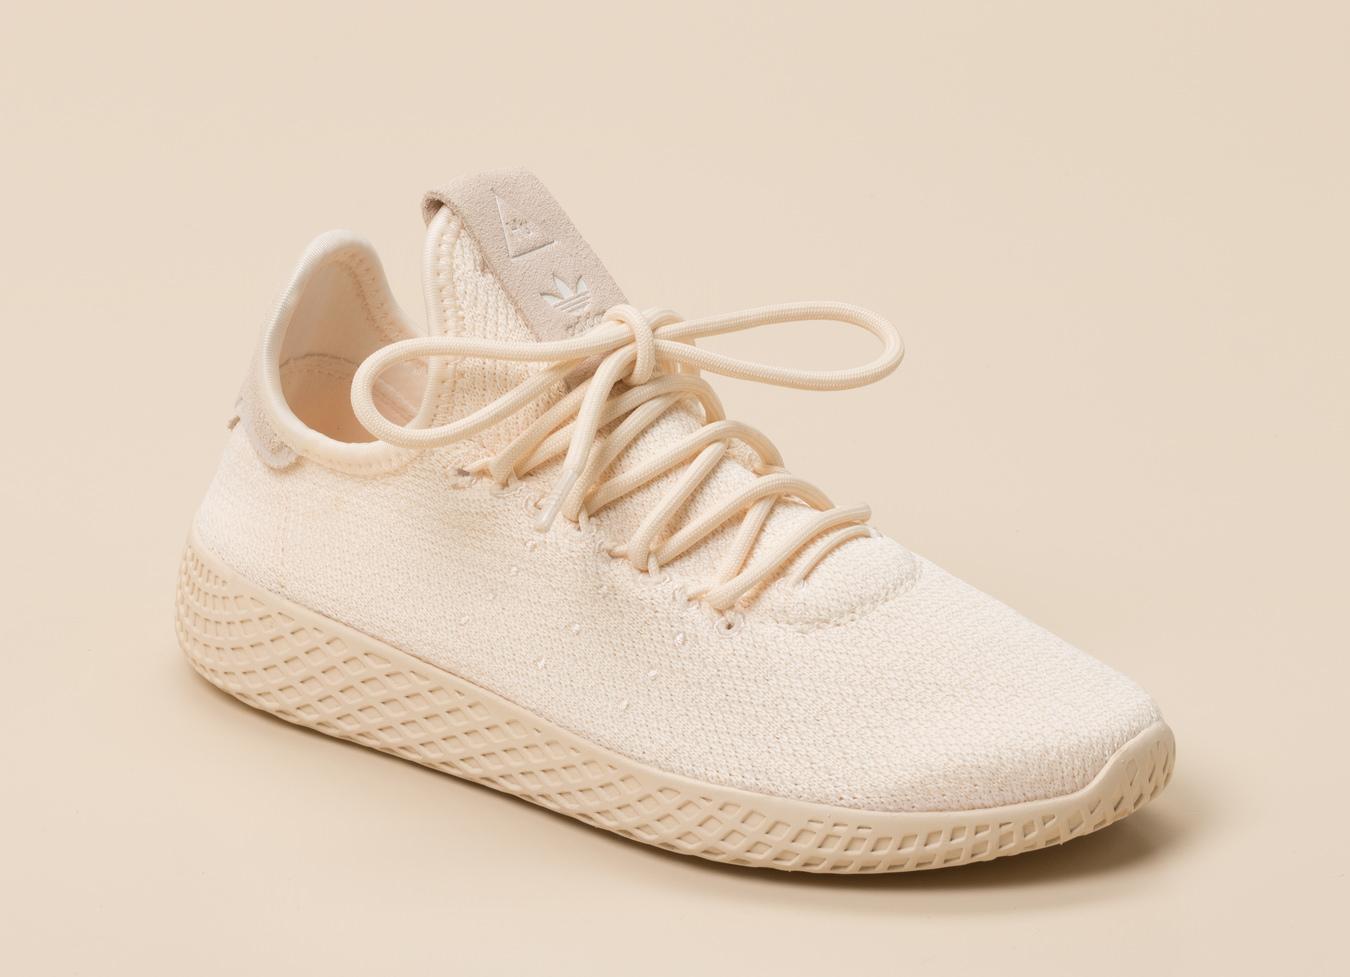 Adidas Damen Sneaker in beige kaufen | Zumnorde Online-Shop